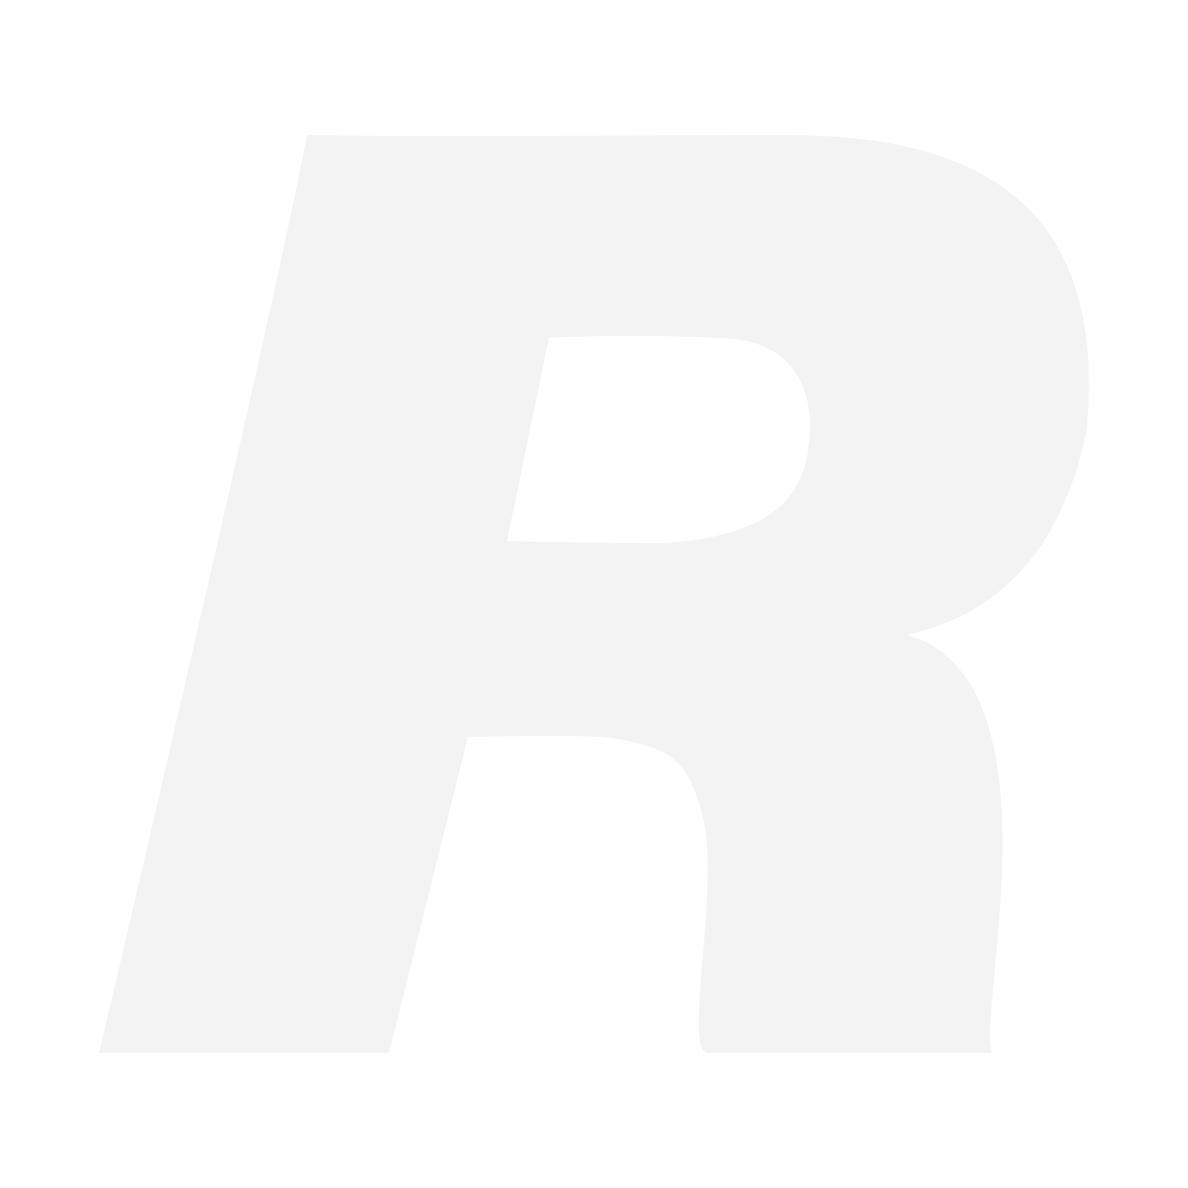 RØDE Blimp-R (NTG1, NTG2, NTG3)